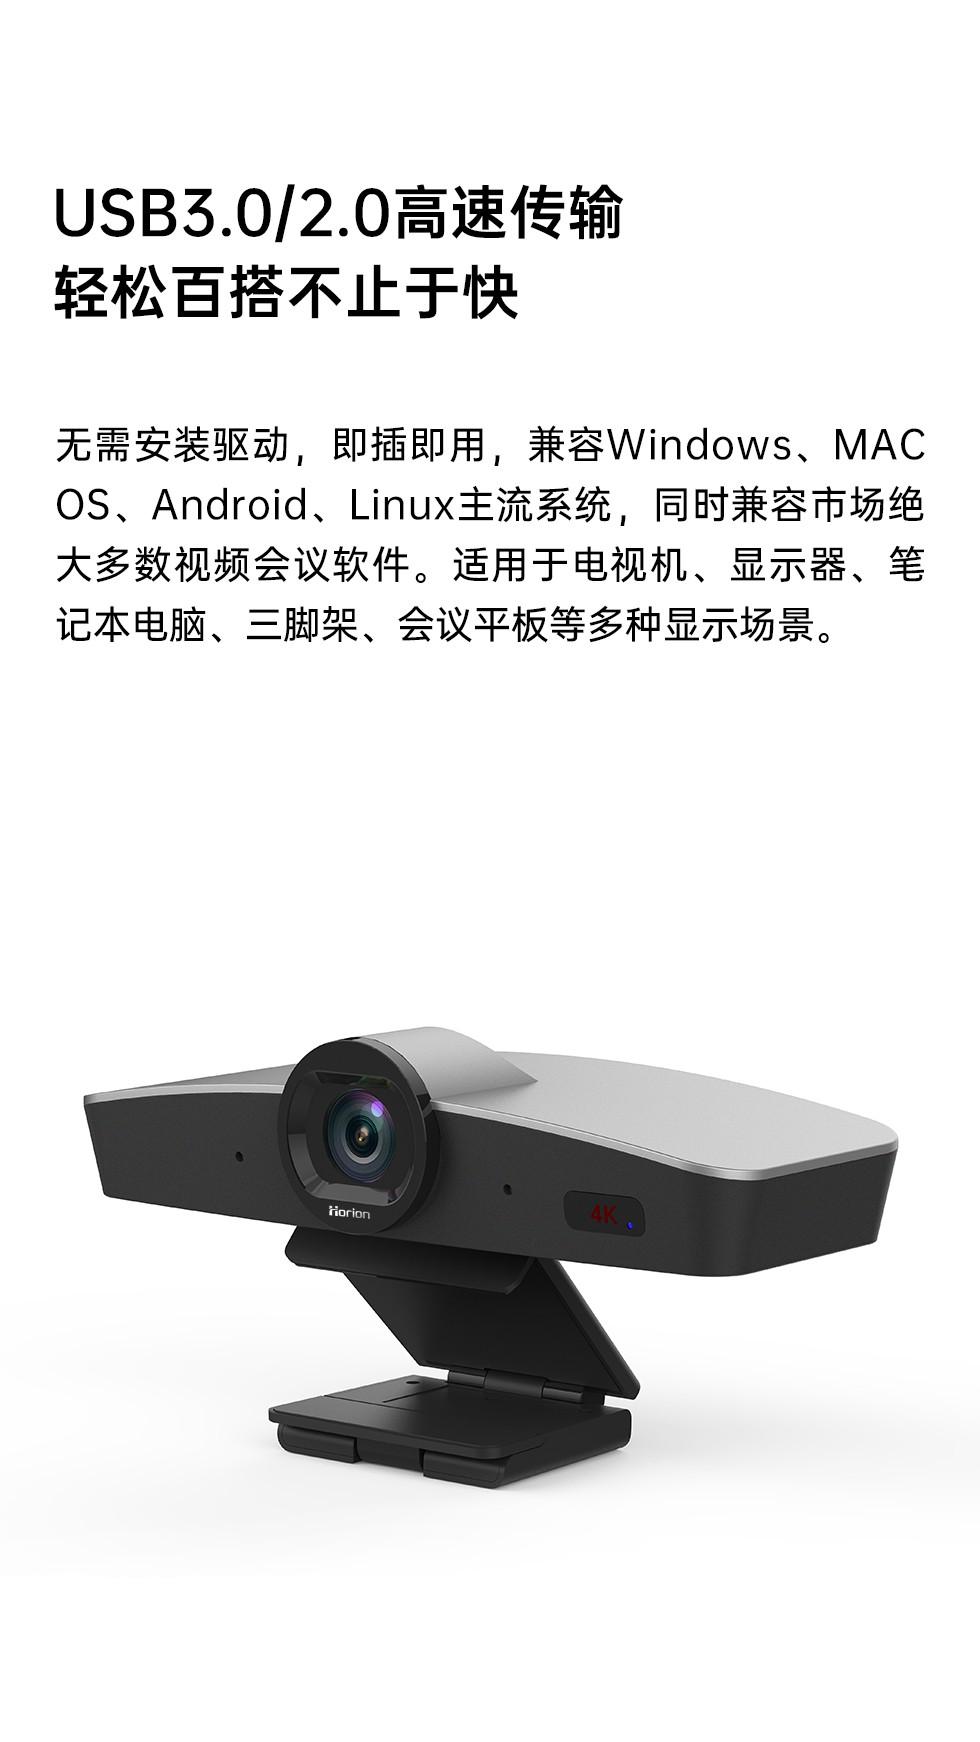 USB高速传输 兼容多个主流操作系统 视频会议高清摄像头